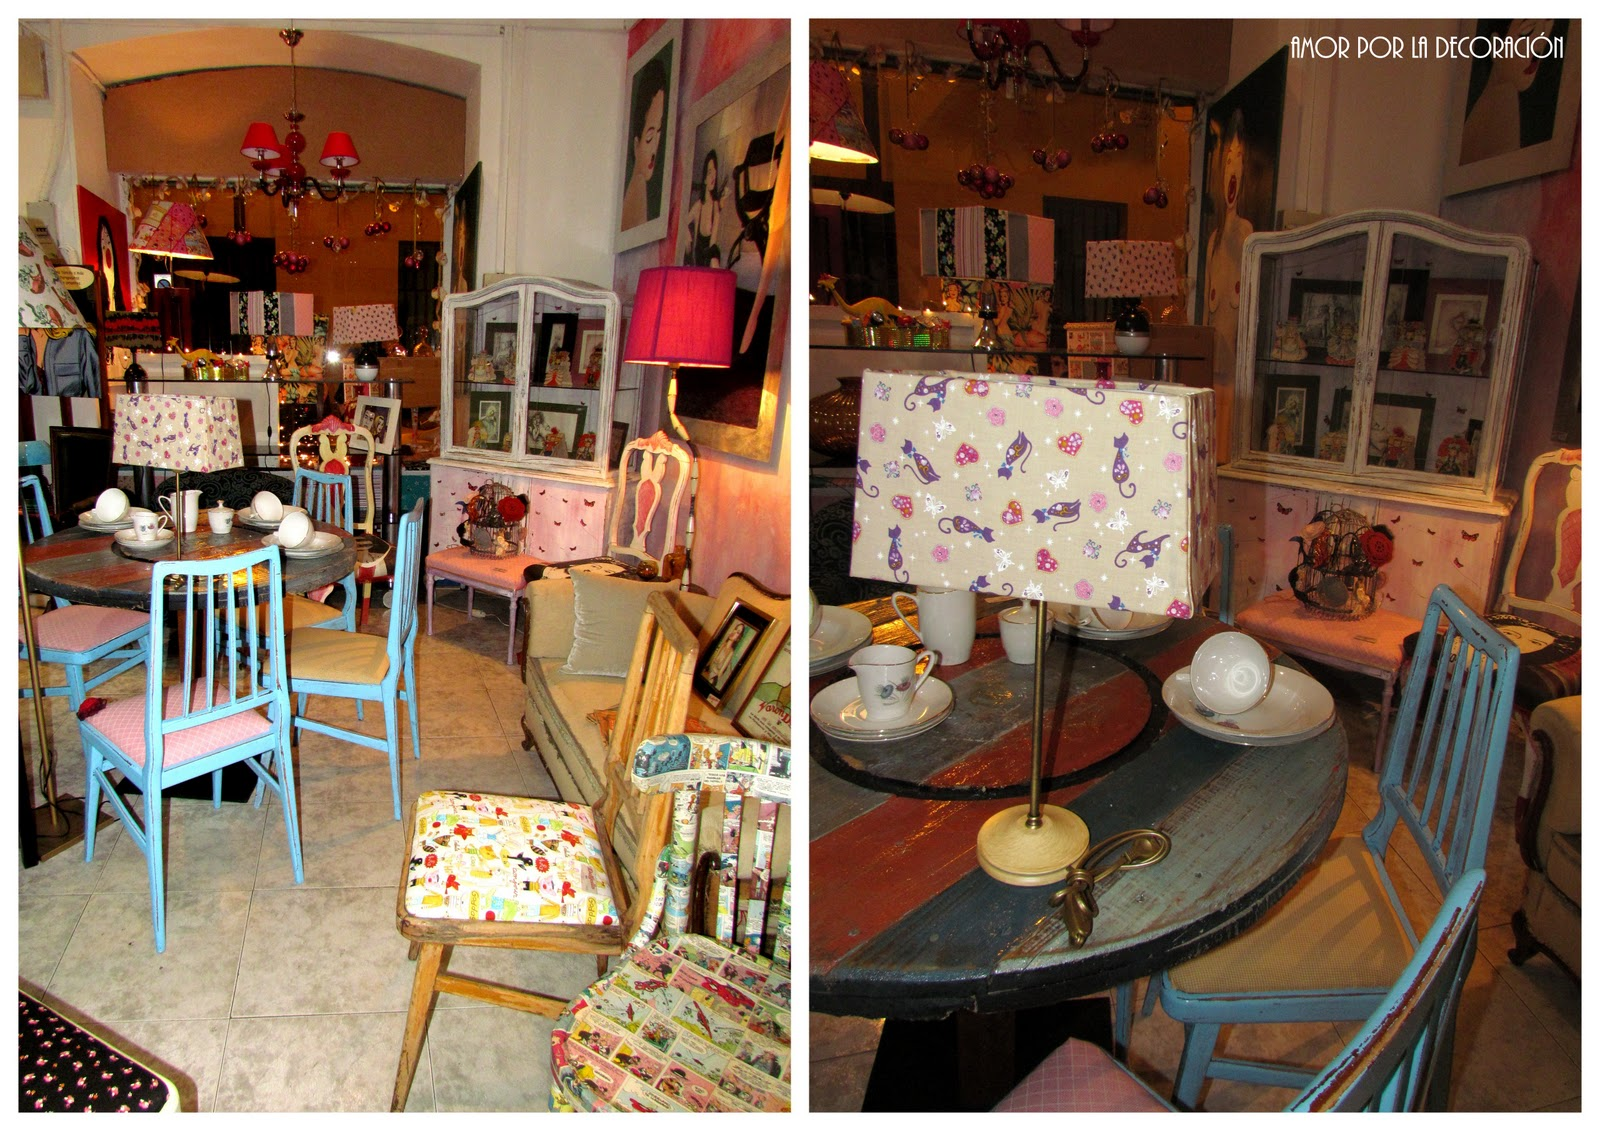 Del gallo una tienda de decoraci n retro fashion - Decoracion segunda mano ...